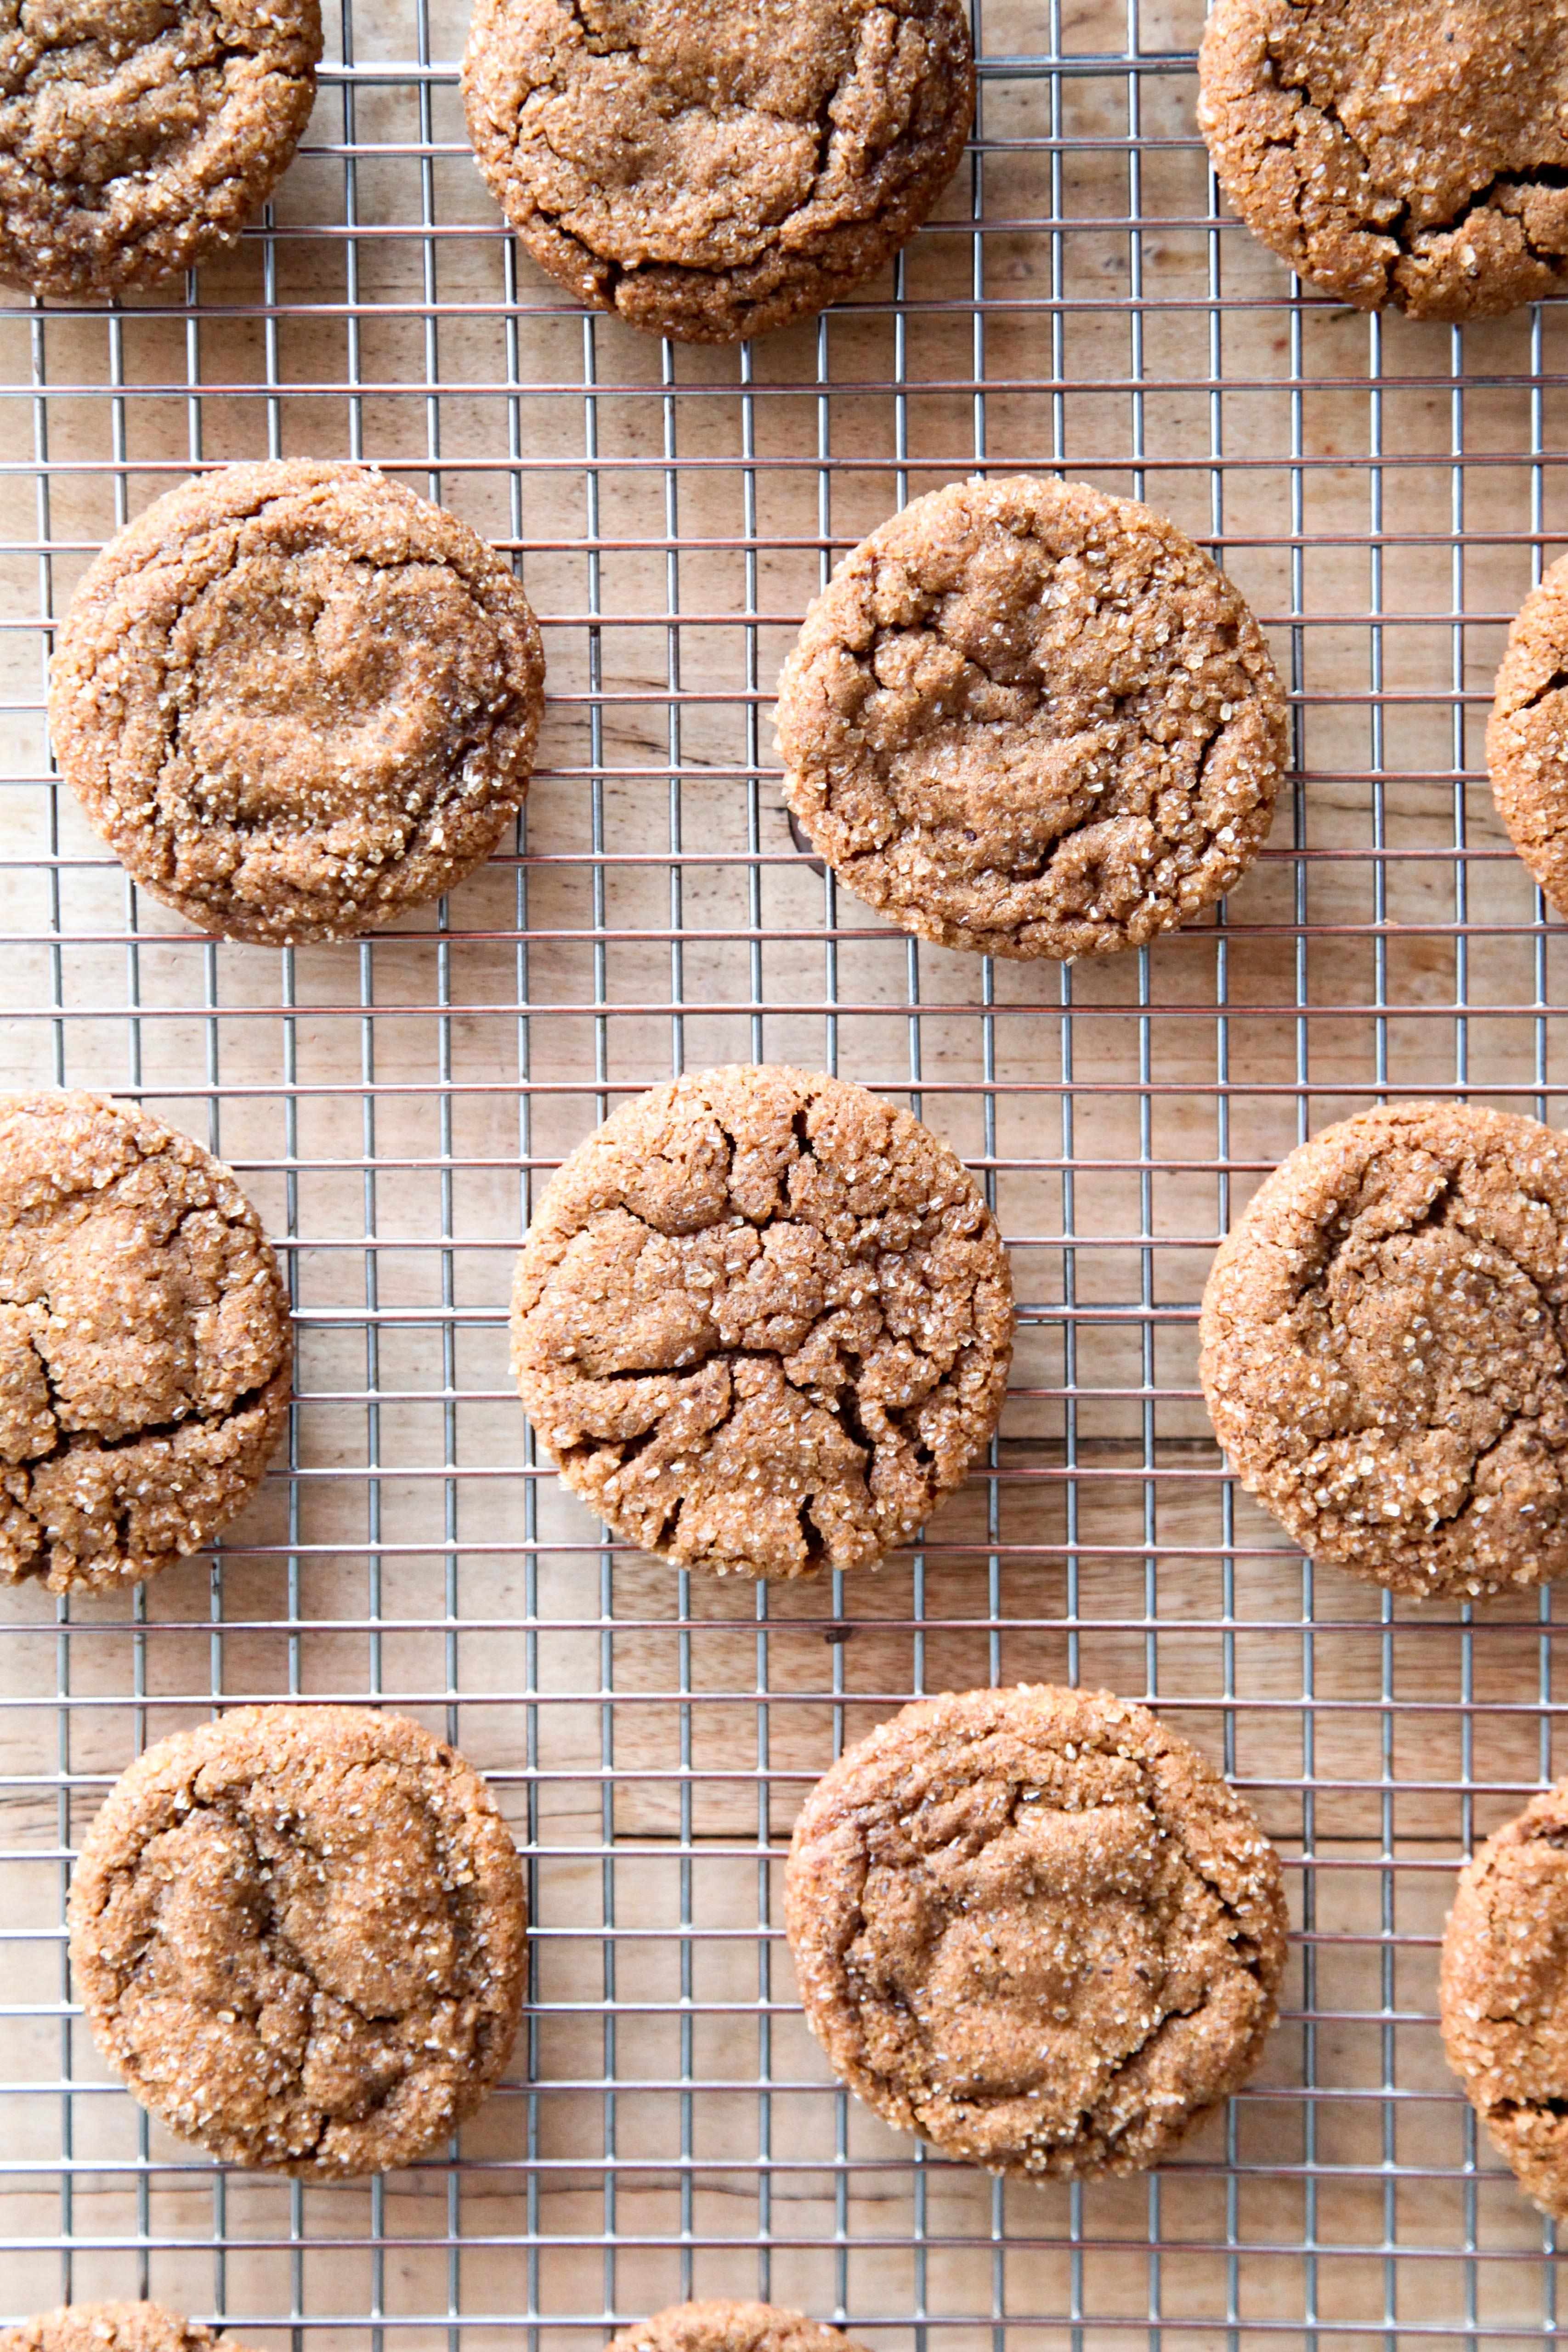 Molasses Spice Cookies | amodestfeast.com | @amodestfeast